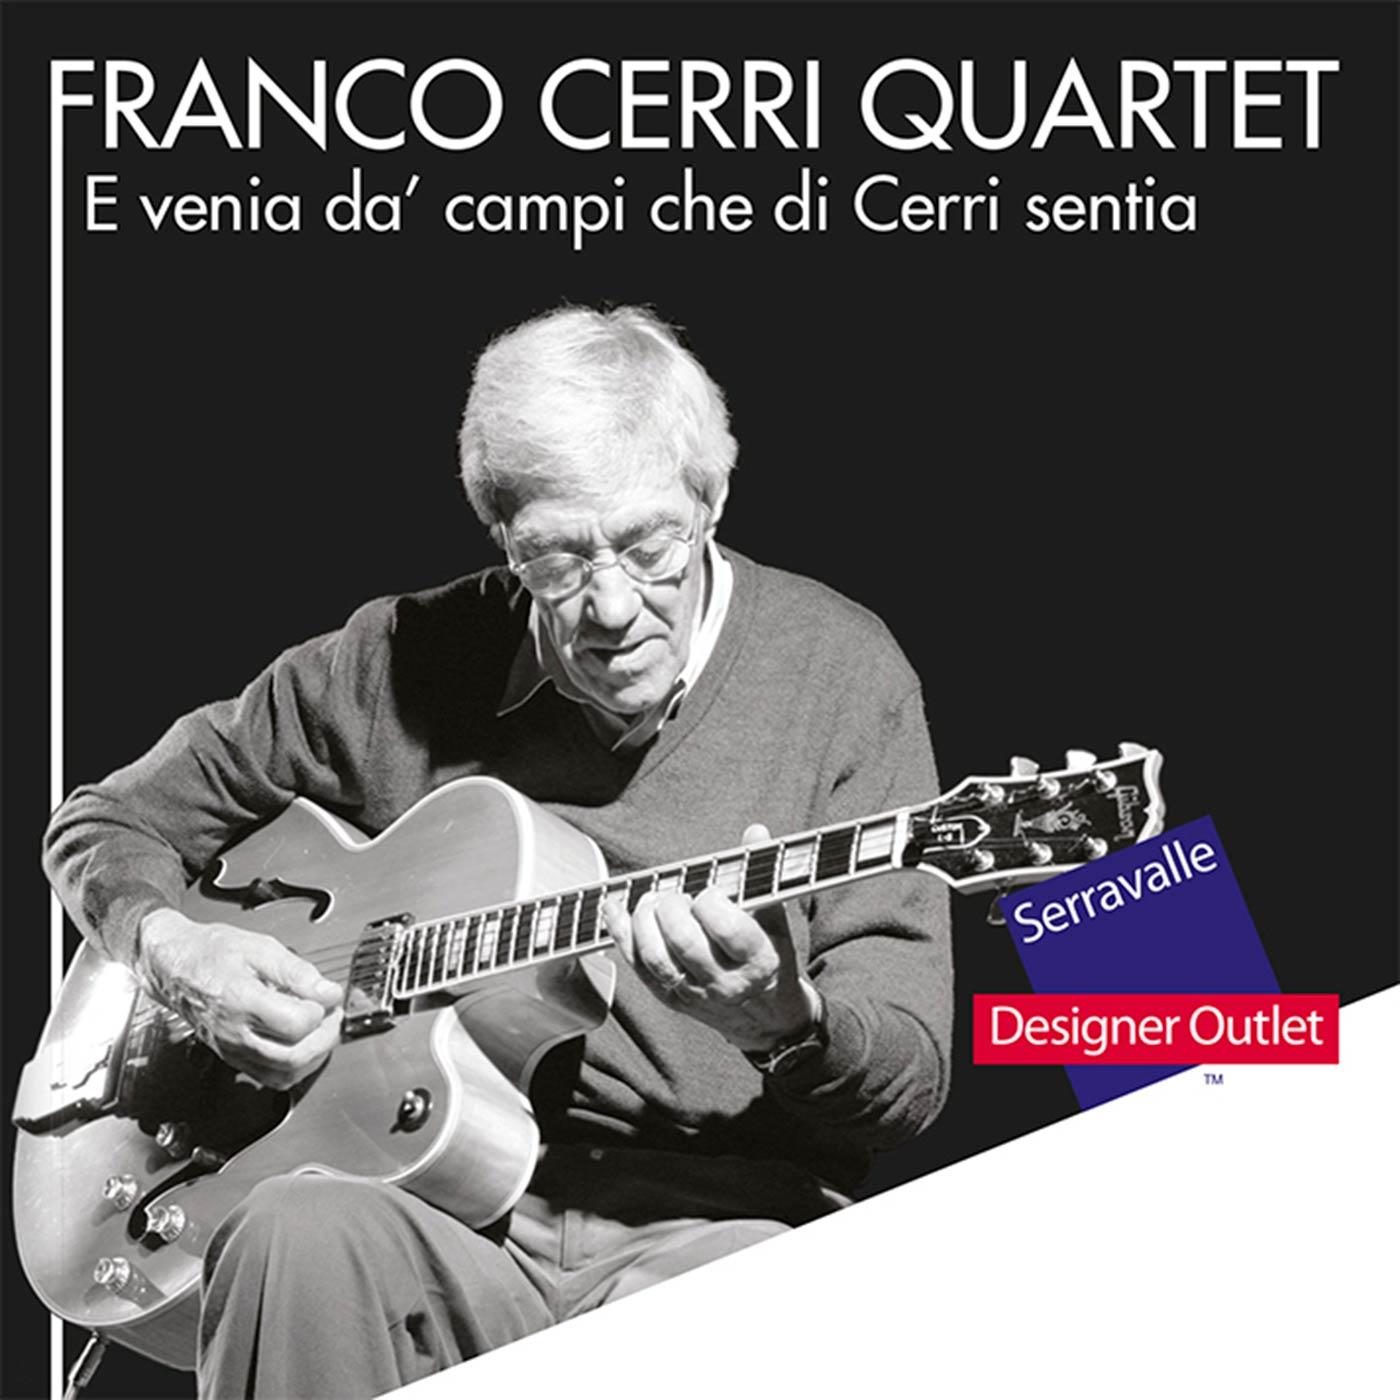 E venia da' campi che Cerri sentia - Franco Cerri